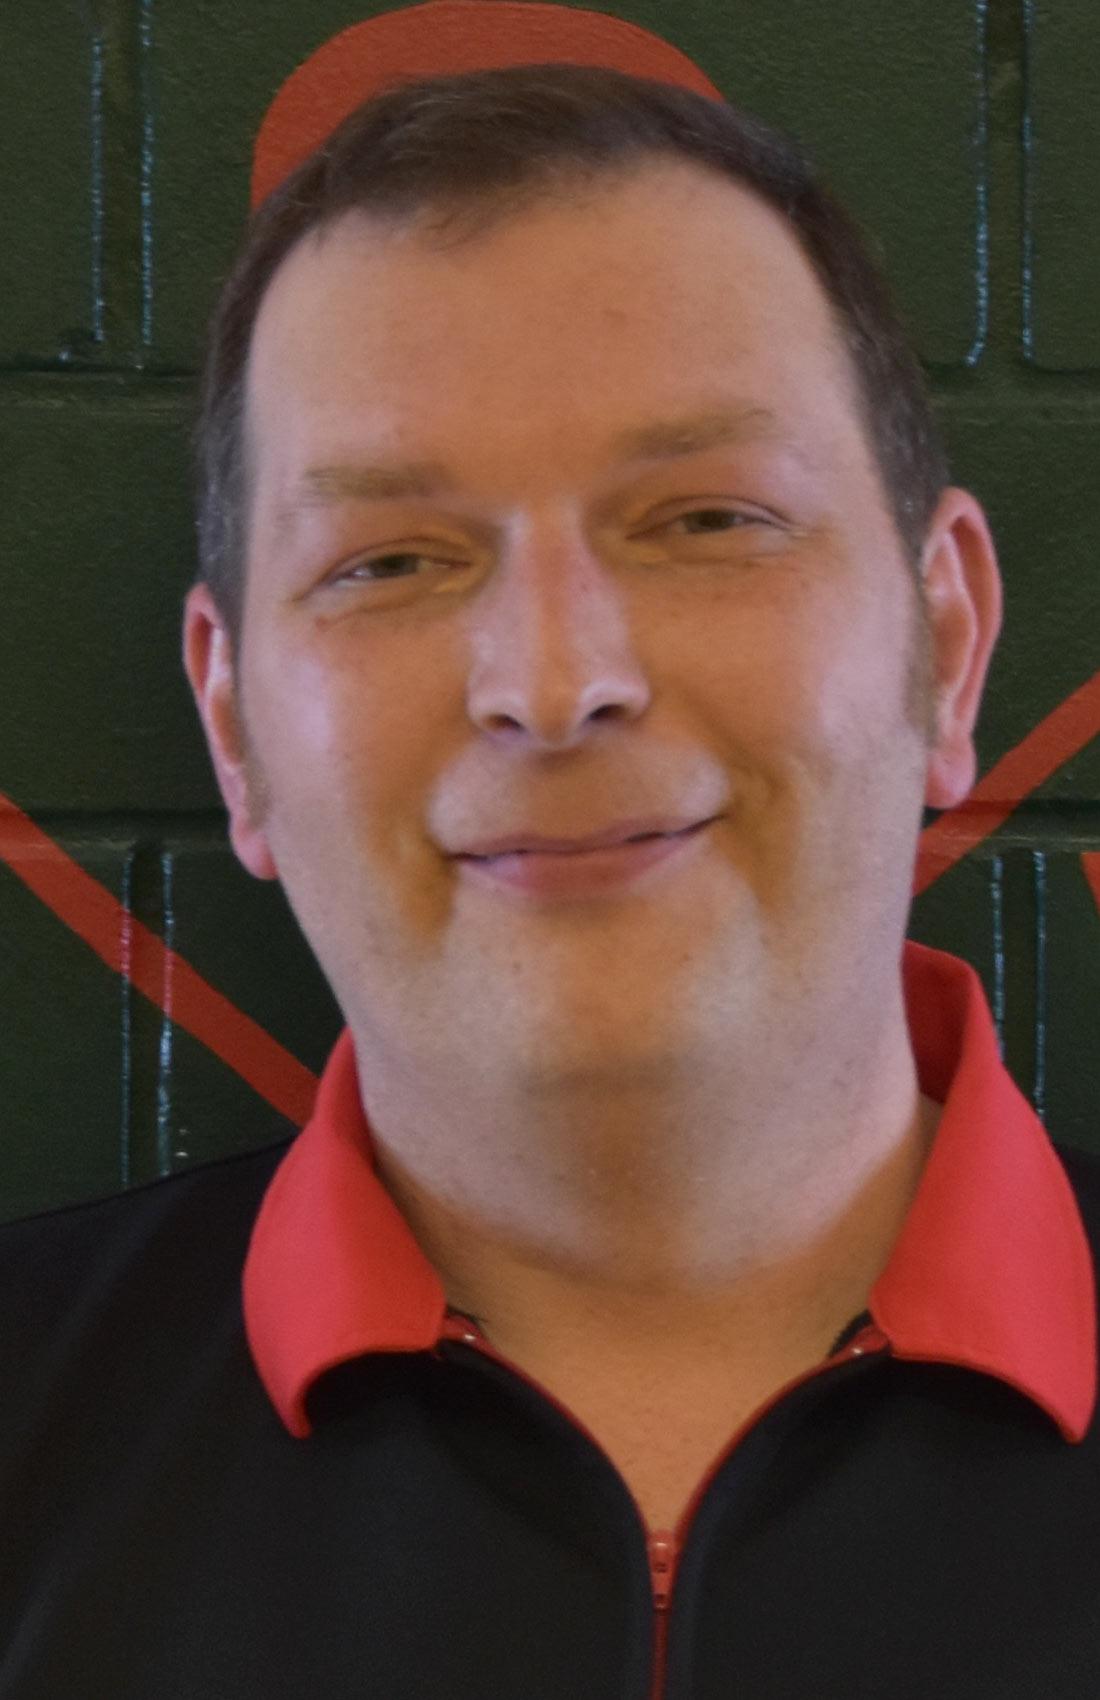 Björn Schiweck : Spartenleiter